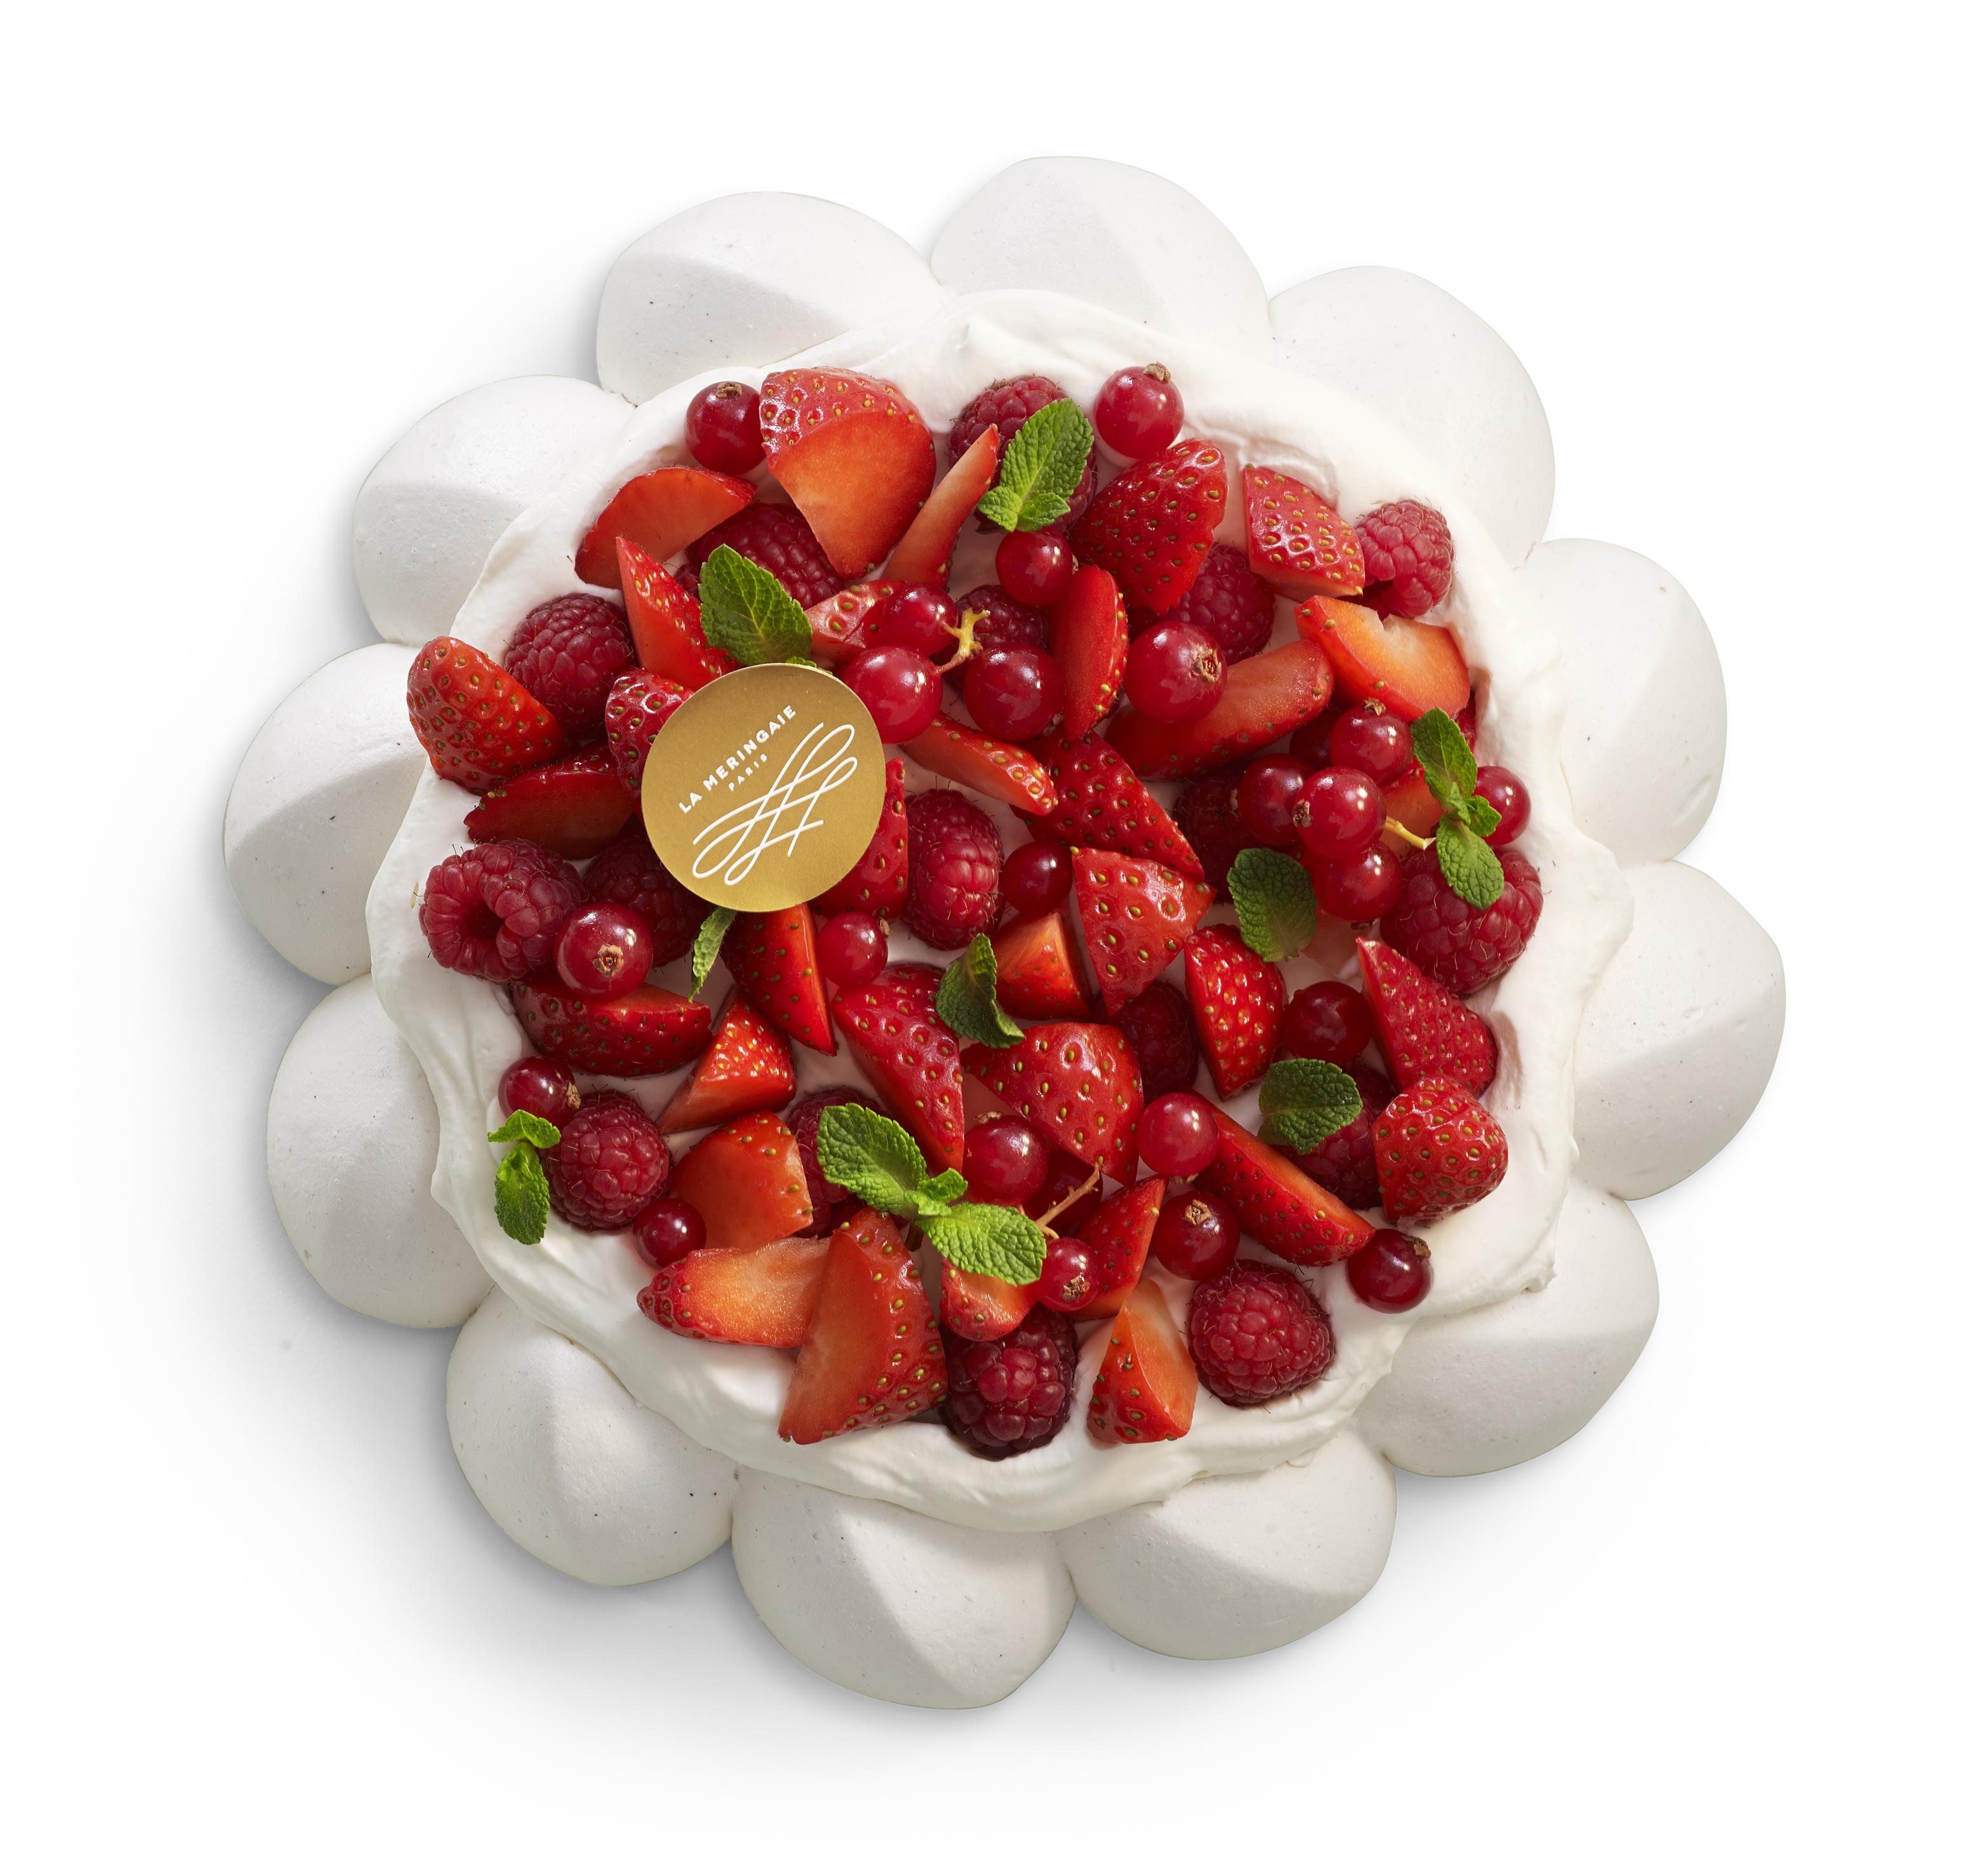 la meringaie-patisserie-fruits